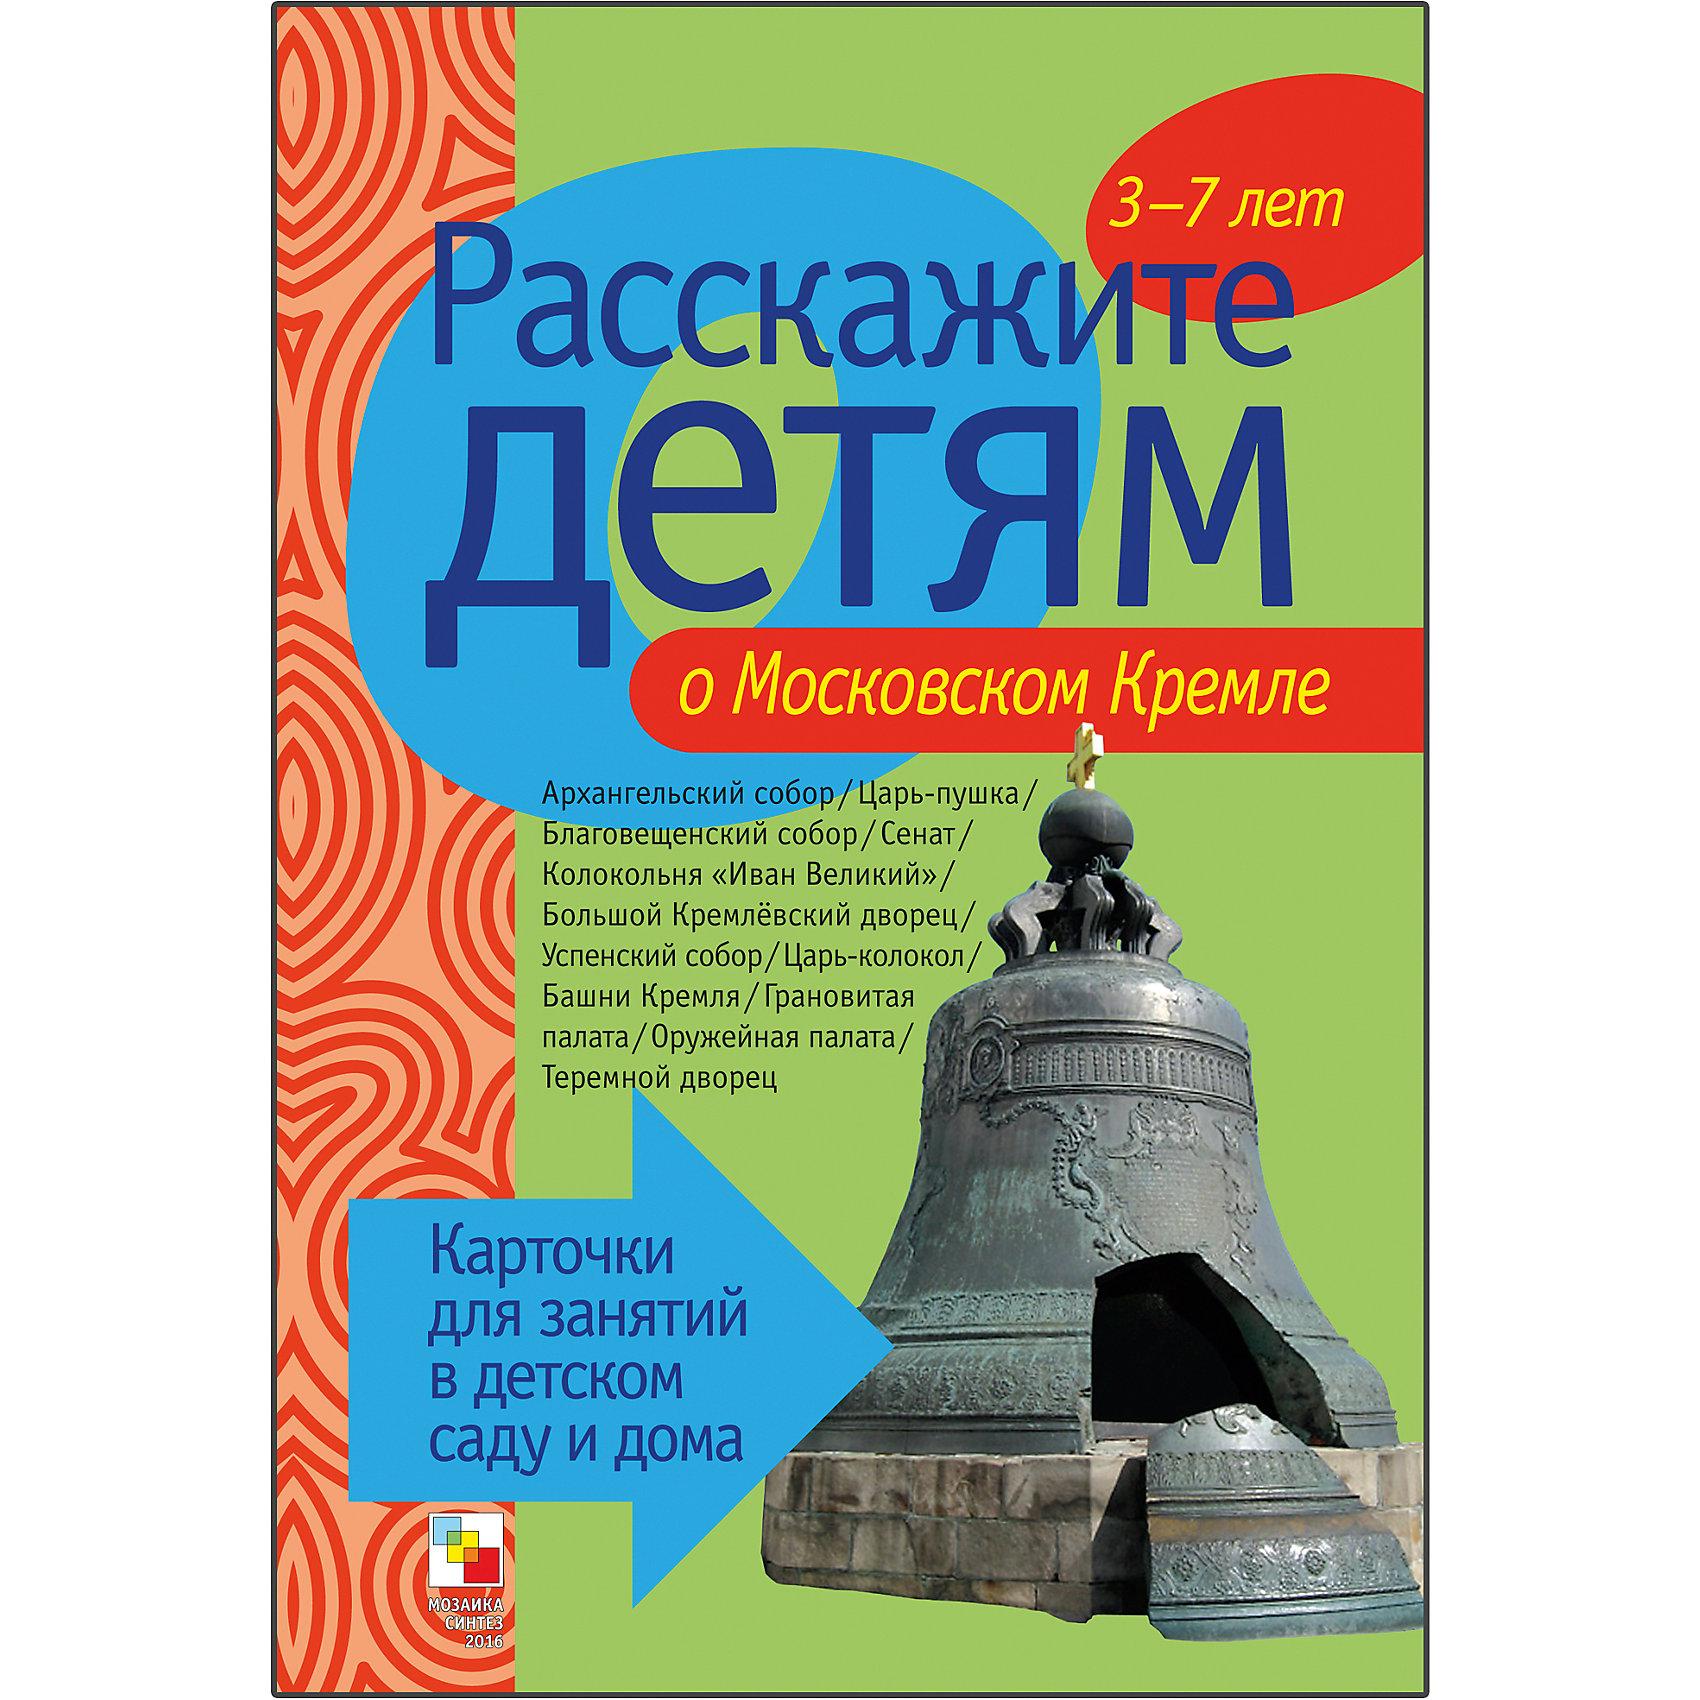 Карточки Расскажите детям о московском Кремле, Мозаика-СинтезОбучающие карточки<br>Пособие Расскажите детям о московском Кремле, Мозаика-Синтез<br><br>Характеристики:<br><br>• Издательство: МОЗАИКА-СИНТЕЗ<br>• ISBN: 9785867756949<br>• Тип: папка с карточками, обложка твердая.<br>• Возраст: от 3-7 лет.<br>• Размер книги: 210х150х5 мм.<br>• Количество страниц: 12<br><br>Пособие с яркими четкими картинками поможет Вам познакомить малышей с московским Кремлем. Они узнают много нового и интересного о Благовещенском, Архангельском, Успенском соборах, Оружейной палате, Царь-пушке и многих других достопримечательностях Кремля. <br><br>На оборотной стороне карточек содержатся необходимые сведения и стихи о них. Эта информация поможет сделать ваш рассказ увлекательным и познавательным для каждого малыша.<br><br>Пособие Расскажите детям о московском Кремле, Мозаика-Синтез, можно купить в нашем интернет – магазине.<br><br>Ширина мм: 5<br>Глубина мм: 150<br>Высота мм: 210<br>Вес г: 106<br>Возраст от месяцев: 36<br>Возраст до месяцев: 84<br>Пол: Унисекс<br>Возраст: Детский<br>SKU: 5428920